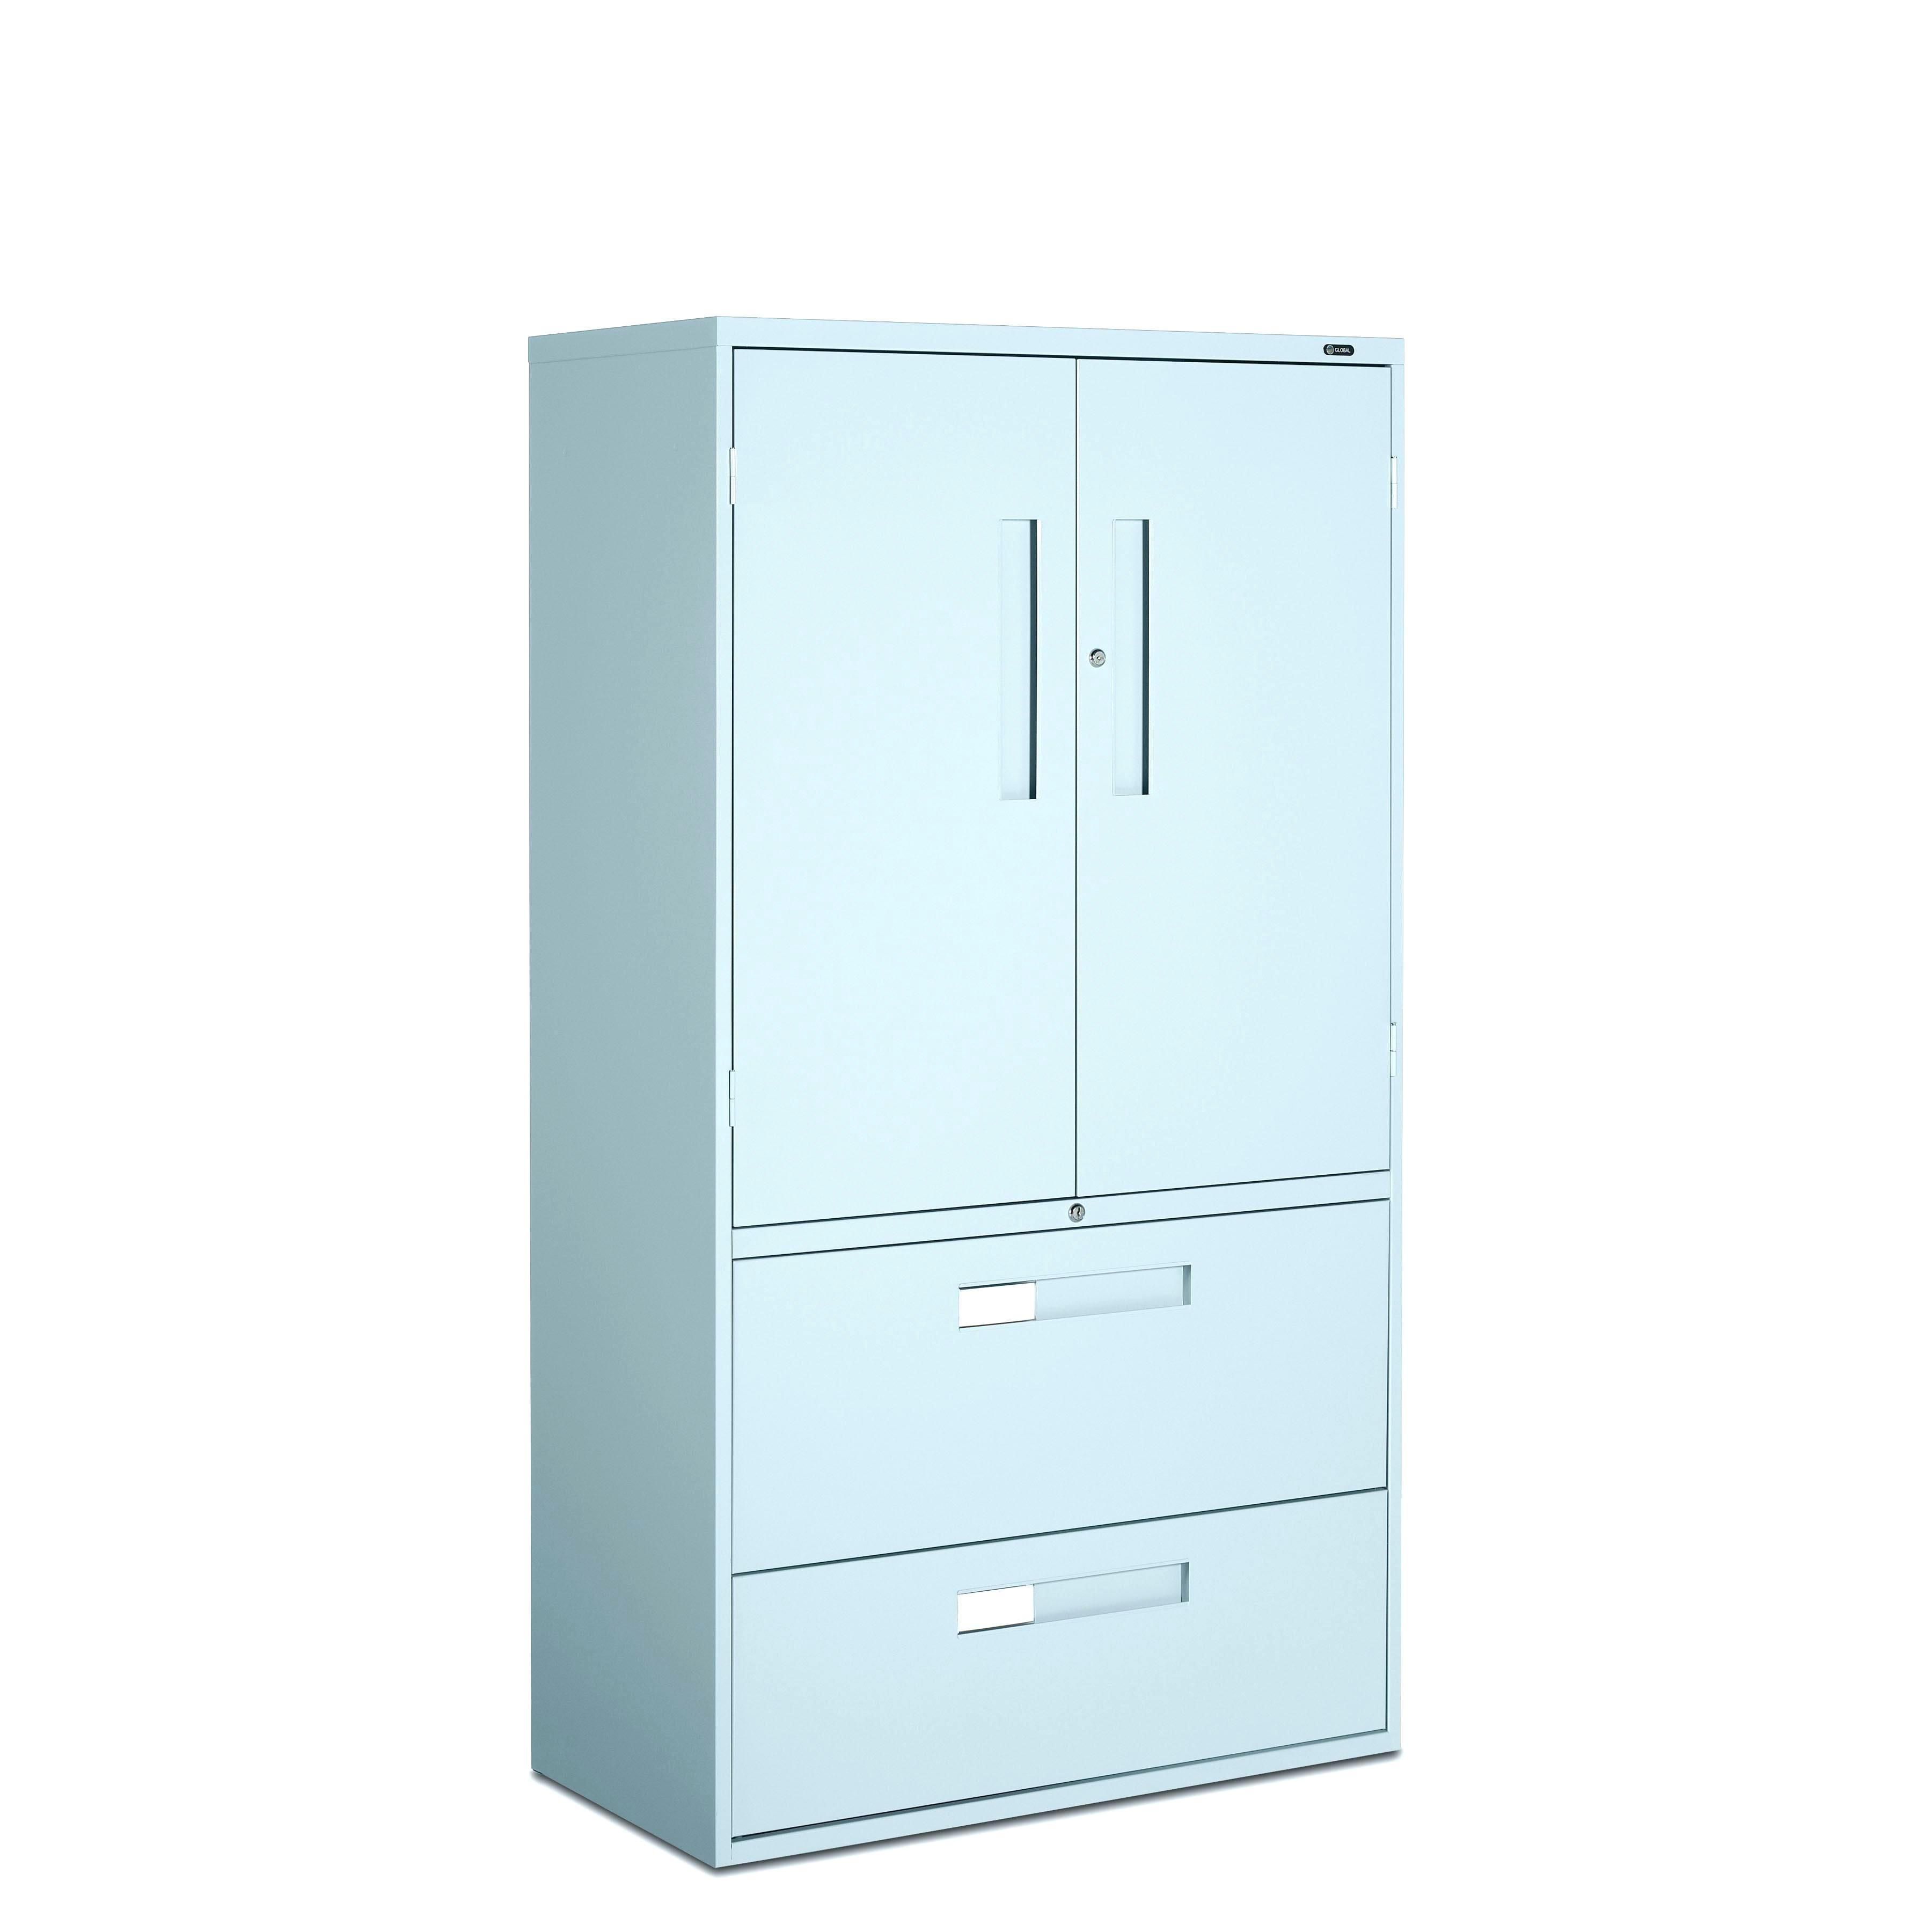 menards file cabinet file cabinet rails fireproof file cabinet wood filing cabinet 2 drawer